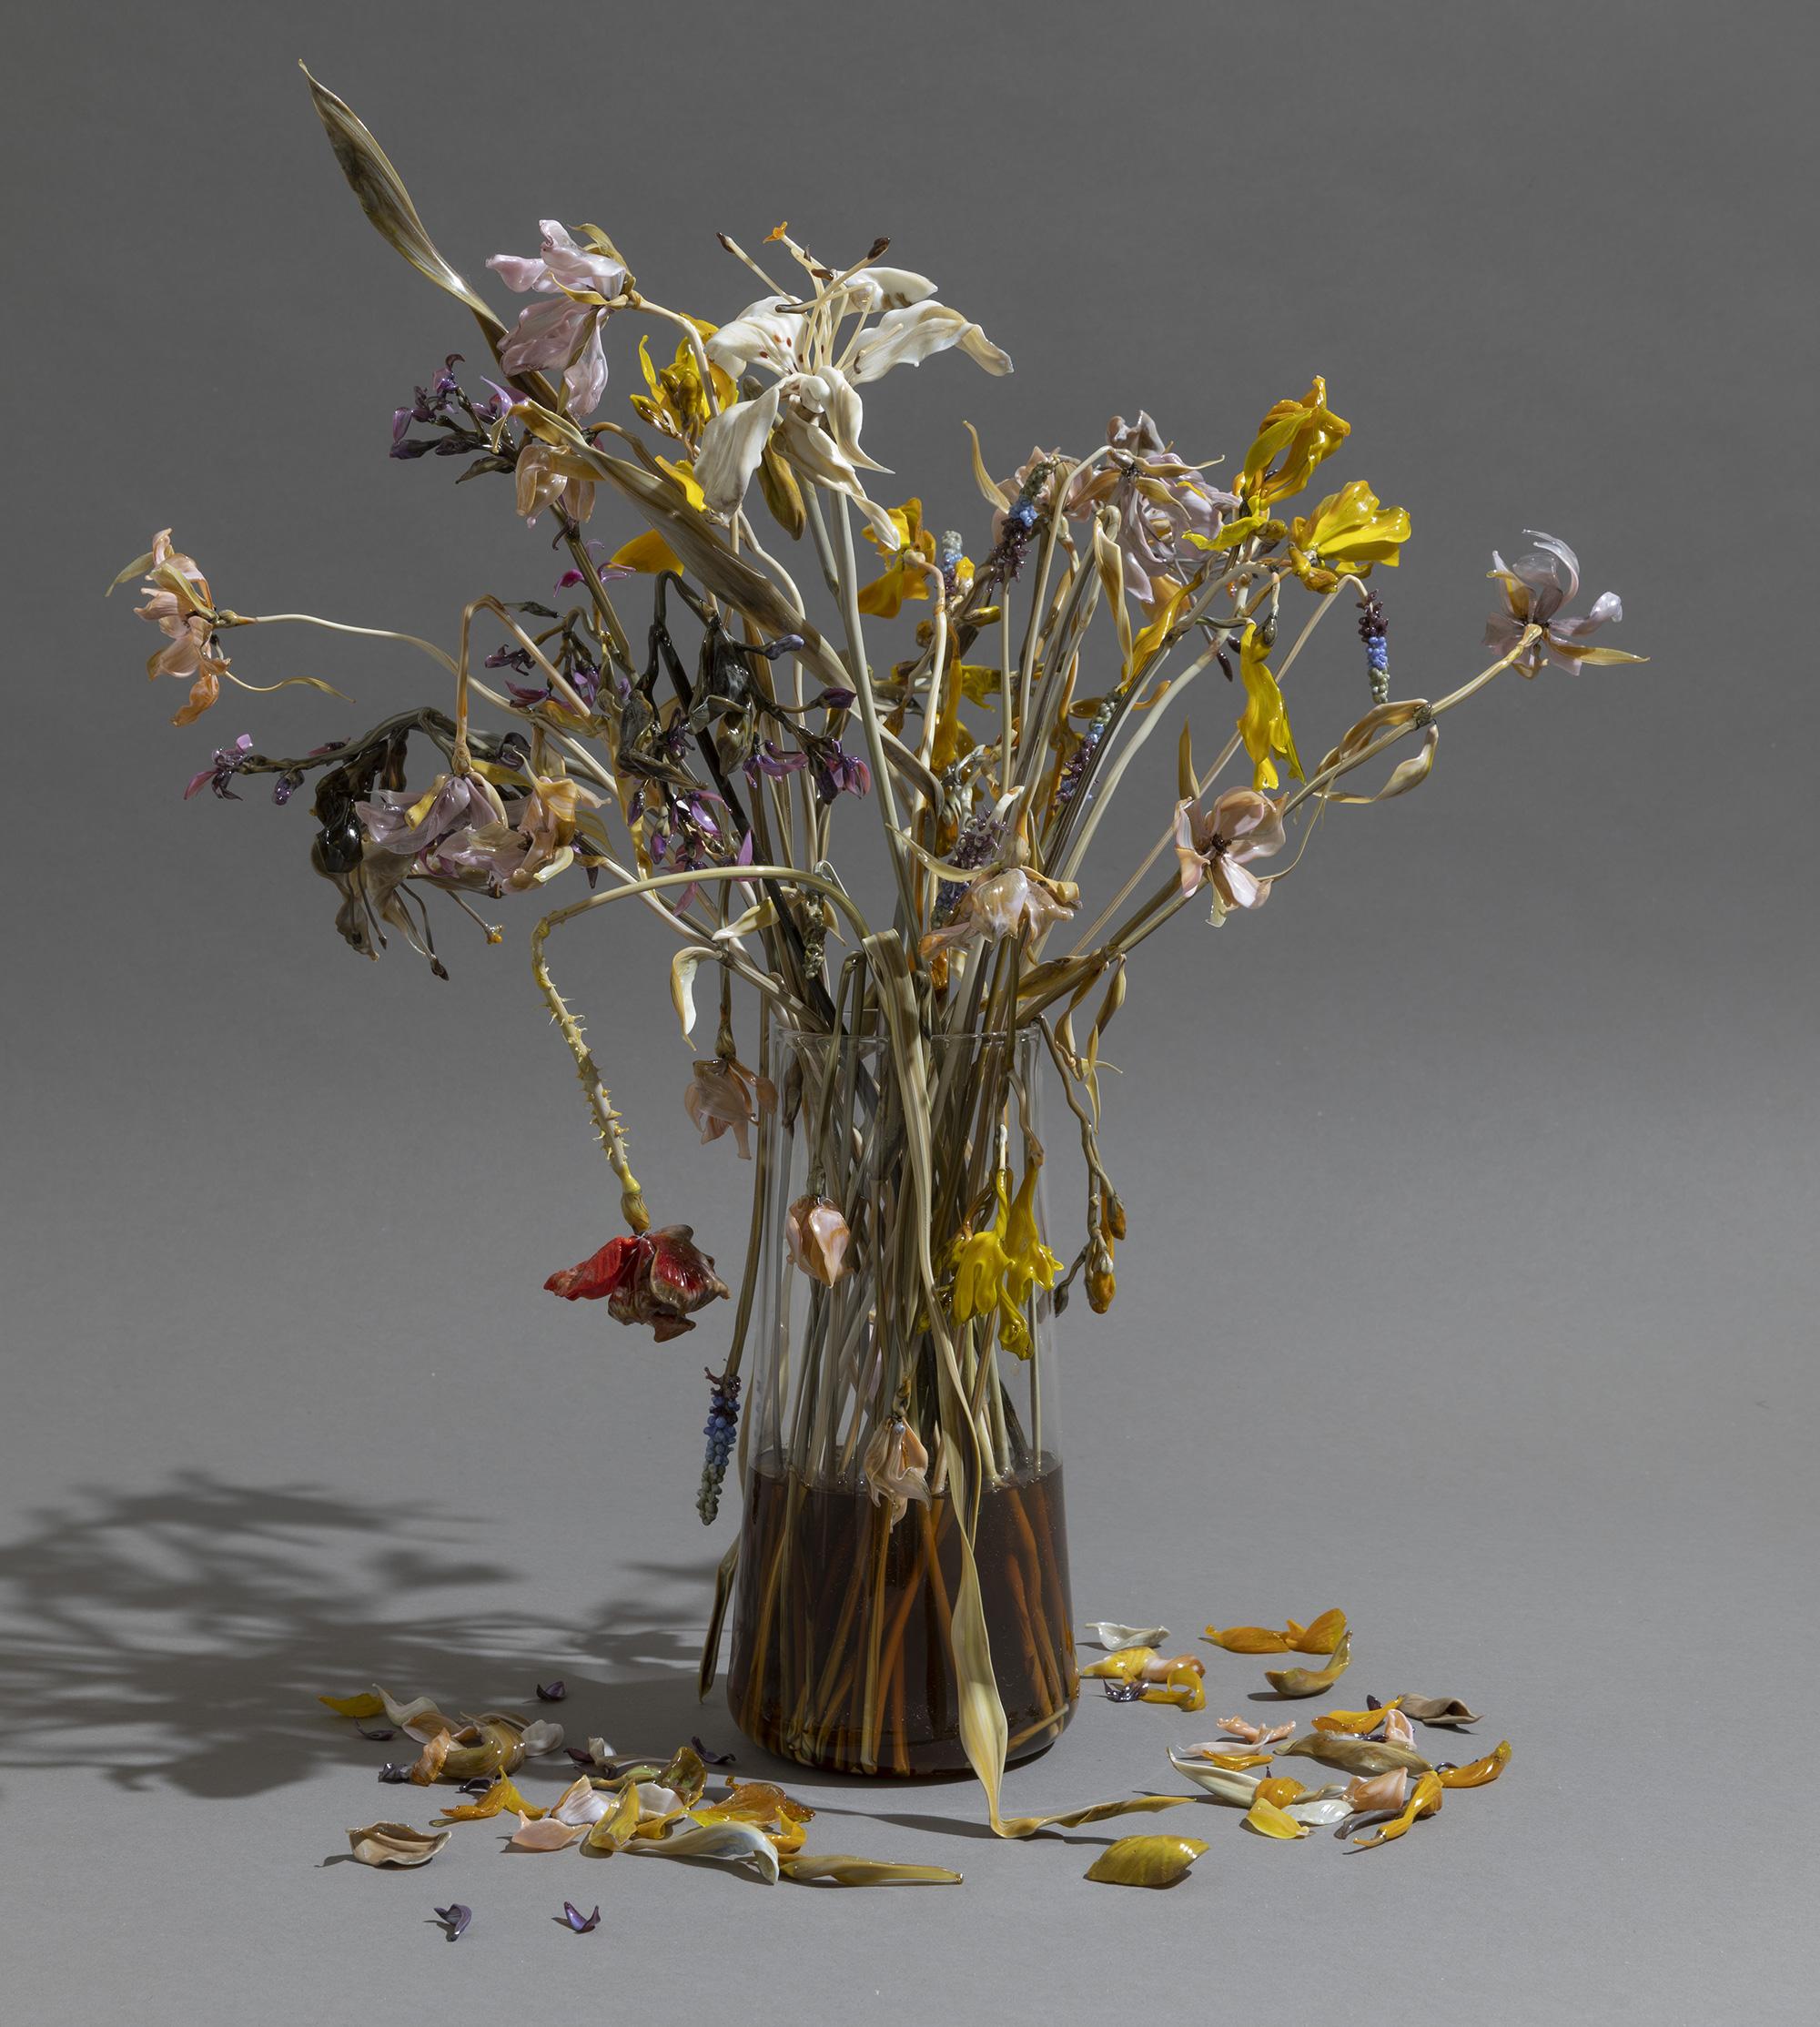 Fiori recisi e di campo ormai appassiti scolpiti elegantemente nel vetro di Lilla Tabasso